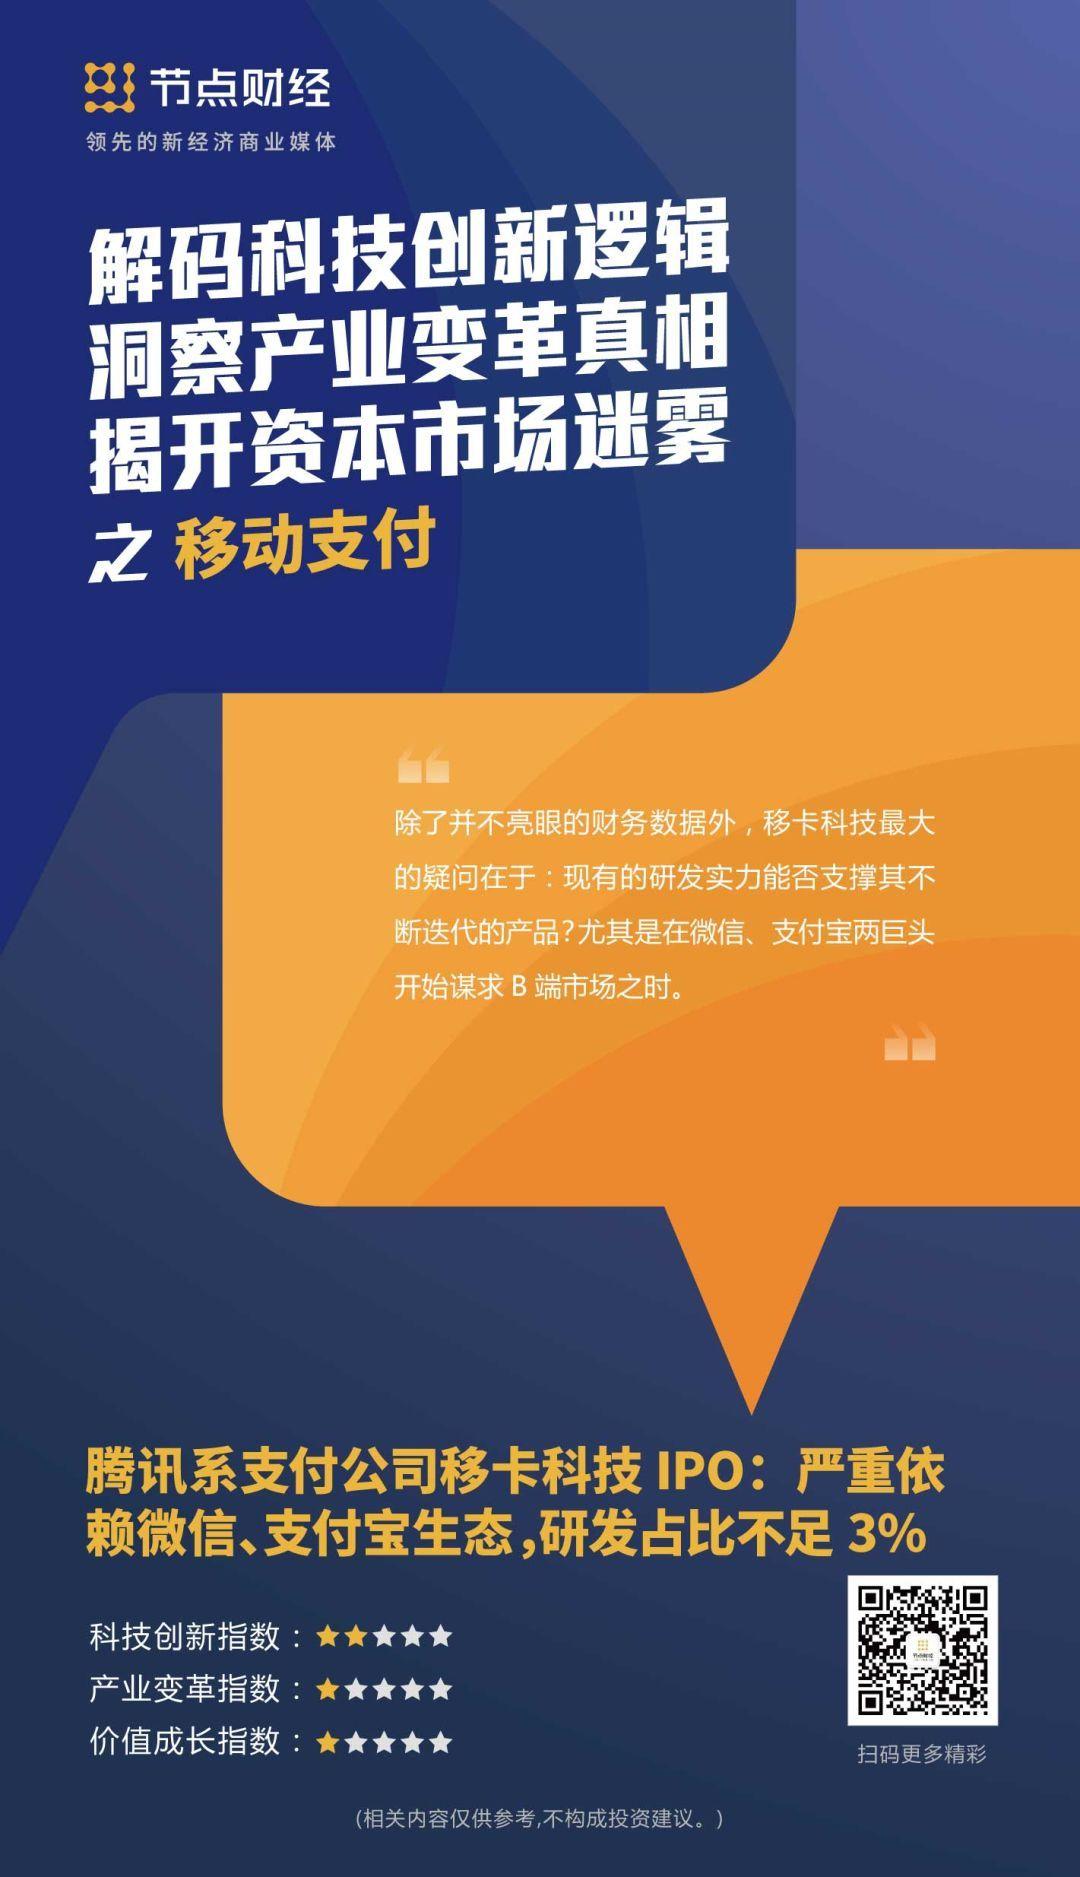 http://www.xqweigou.com/dianshangshuju/82891.html